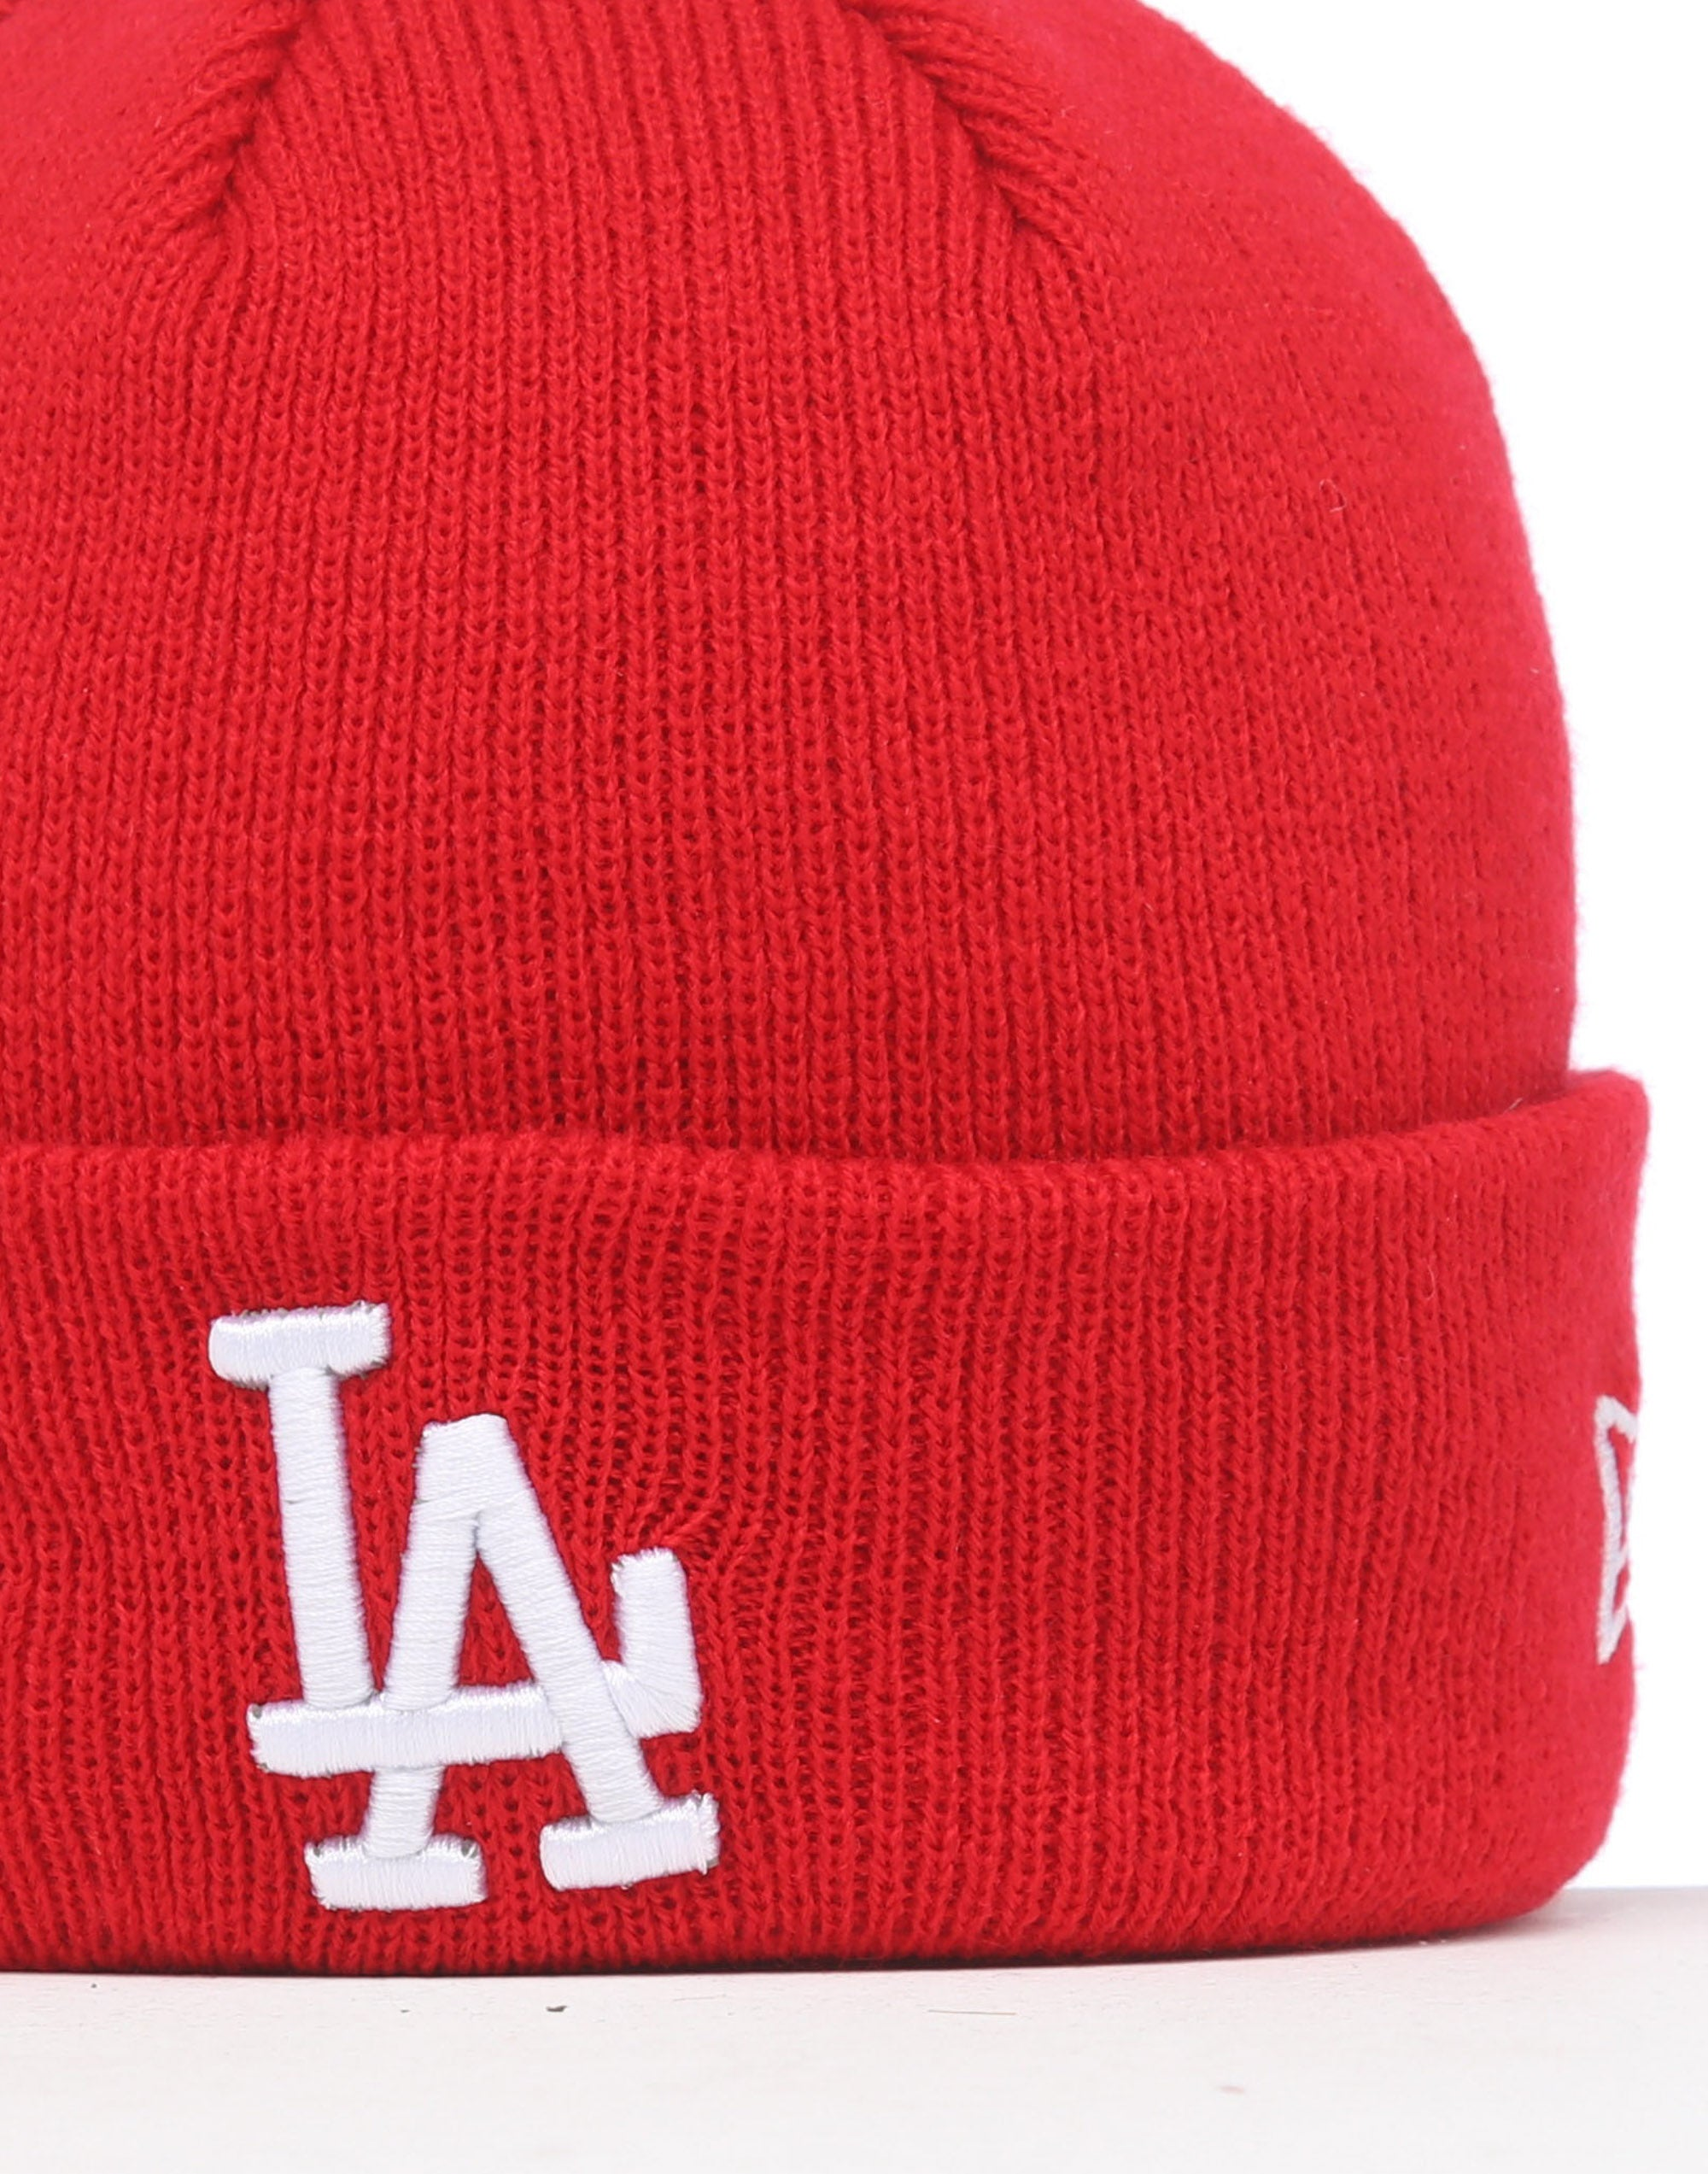 Raised Cuff LA Dodgers  maroon 47 Brand Knit Beanie